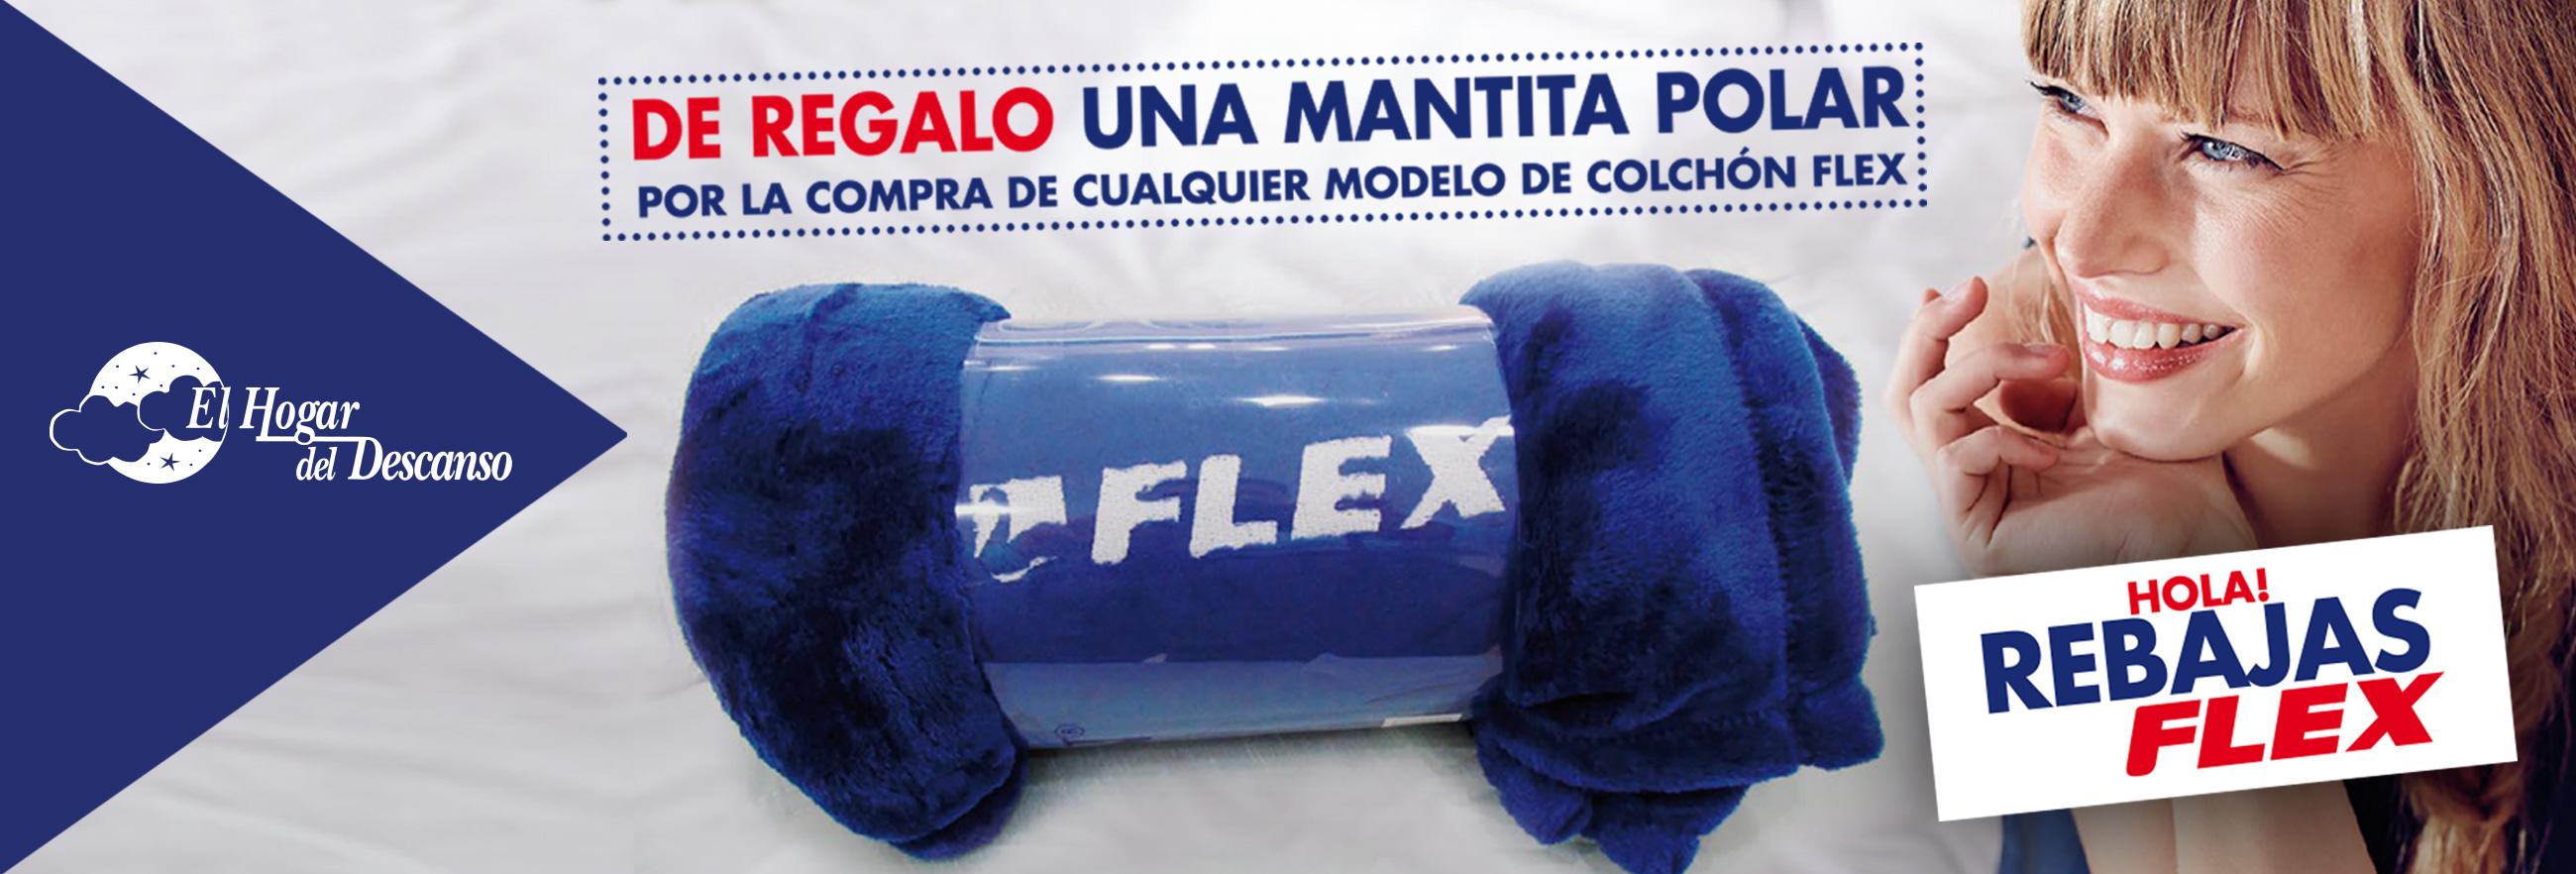 EL-HOGAR-DEL-DESCANSO-REGALO-MANTITA-POLAR